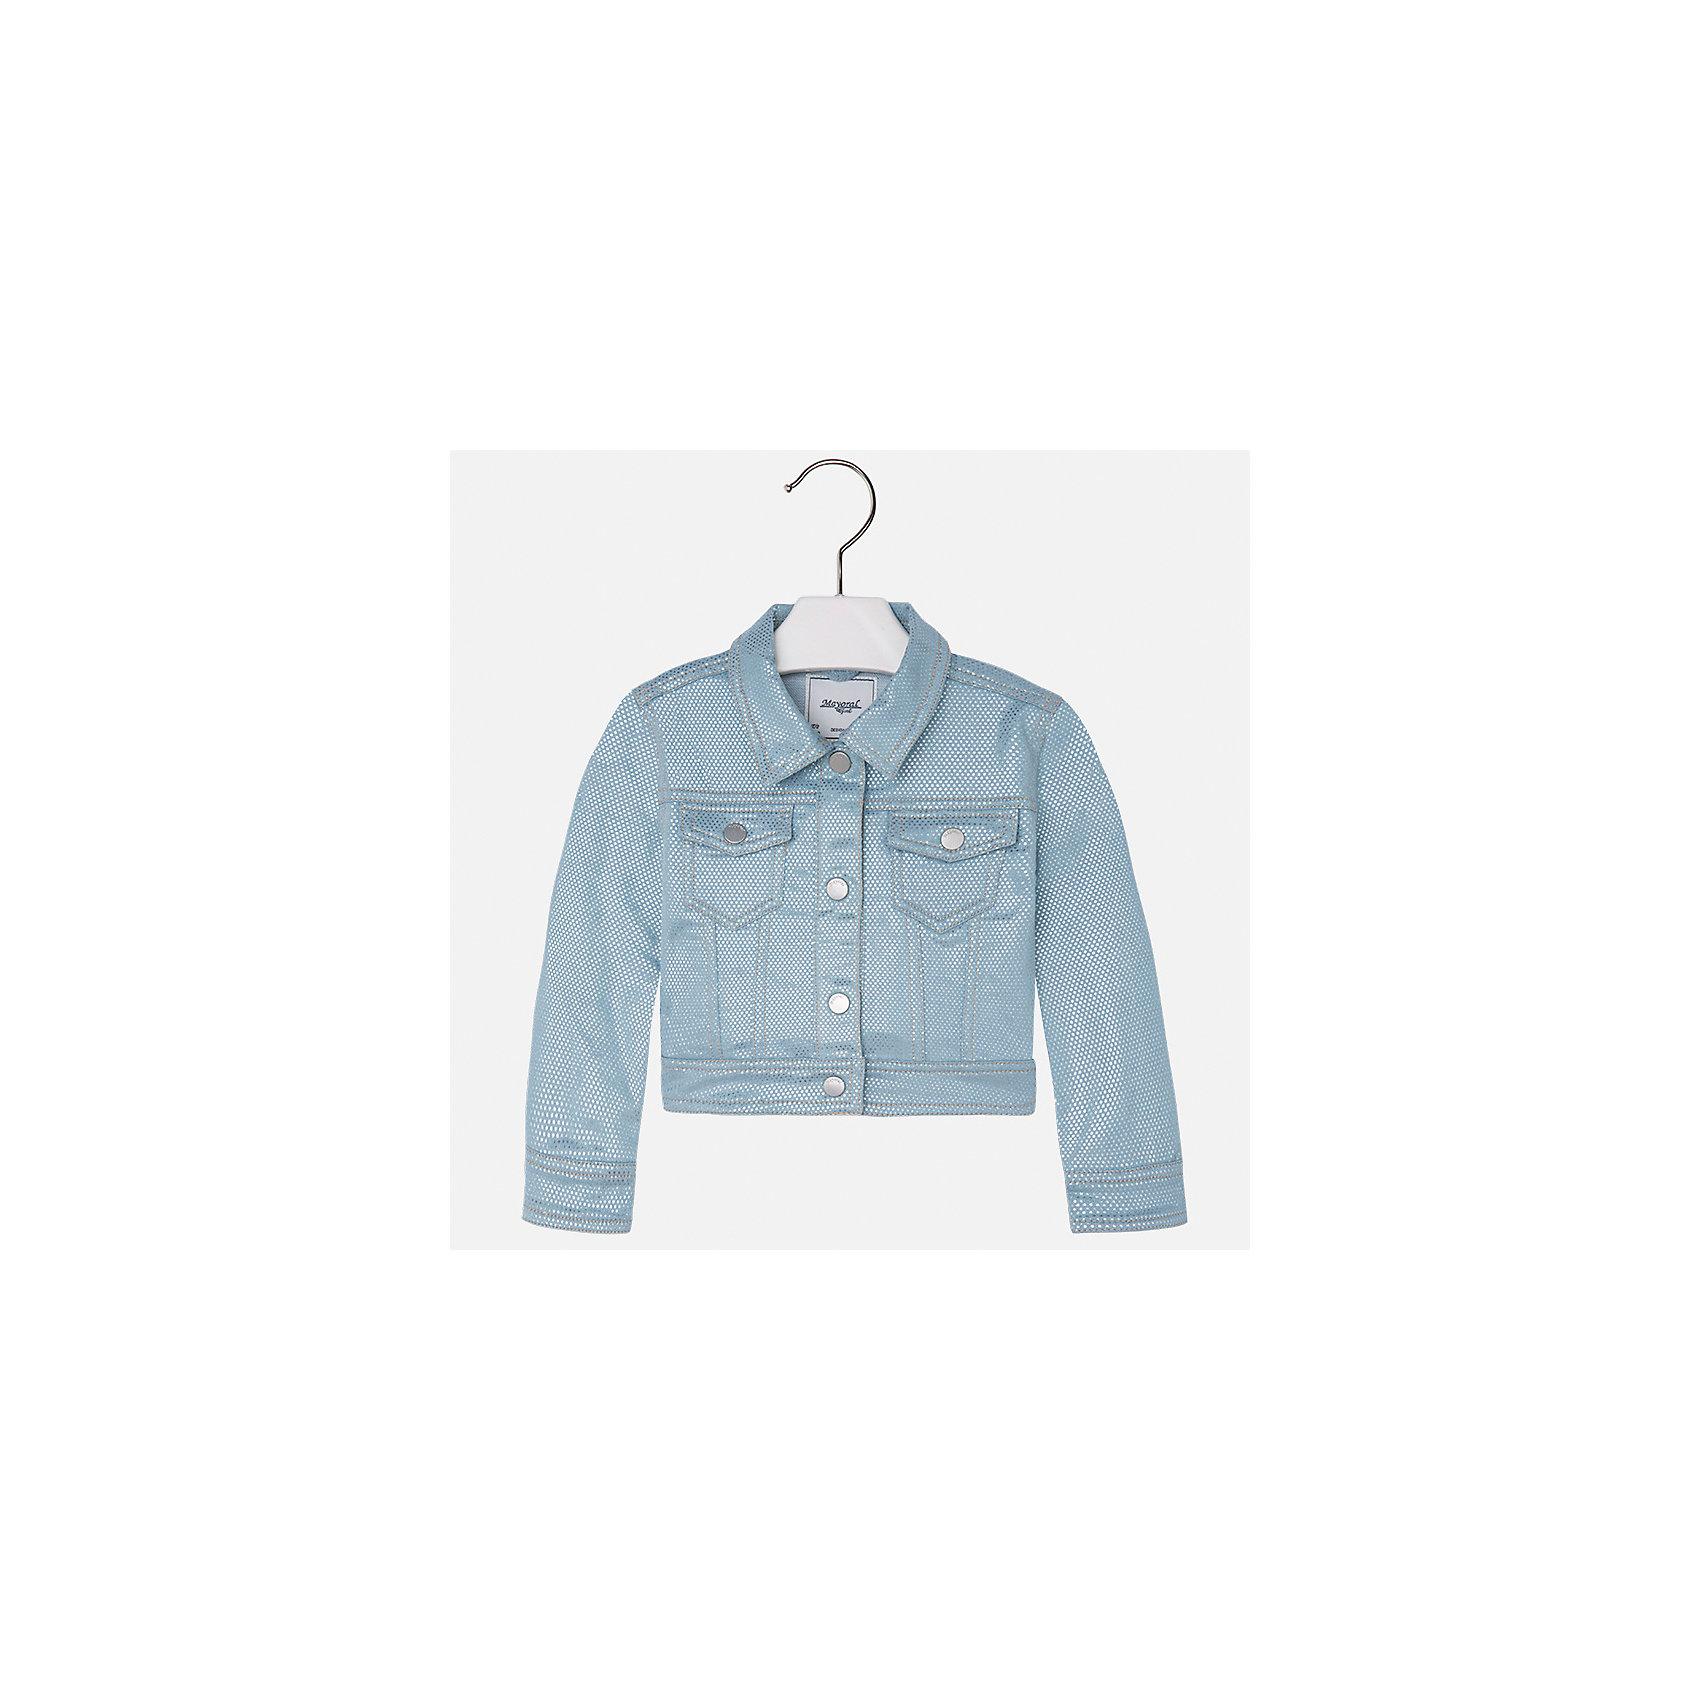 Куртка для девочки MayoralХарактеристики товара:<br><br>• цвет: голубой<br>• состав: 71% хлопок, 28% полиэстер, 1% эластан<br>• застежка: пуговицы<br>• карманы<br>• с длинными рукавами <br>• отложной воротник<br>• контрастная прострочка<br>• страна бренда: Испания<br><br>Модная удобная куртка для девочки поможет разнообразить гардероб ребенка. Она отлично сочетается и с юбками, и с брюками. Отличный способ придать наряду оригинальность!<br><br>Куртку для девочки от испанского бренда Mayoral (Майорал) можно купить в нашем интернет-магазине.<br><br>Ширина мм: 356<br>Глубина мм: 10<br>Высота мм: 245<br>Вес г: 519<br>Цвет: голубой<br>Возраст от месяцев: 96<br>Возраст до месяцев: 108<br>Пол: Женский<br>Возраст: Детский<br>Размер: 134,92,98,104,110,116,122,128<br>SKU: 5290136